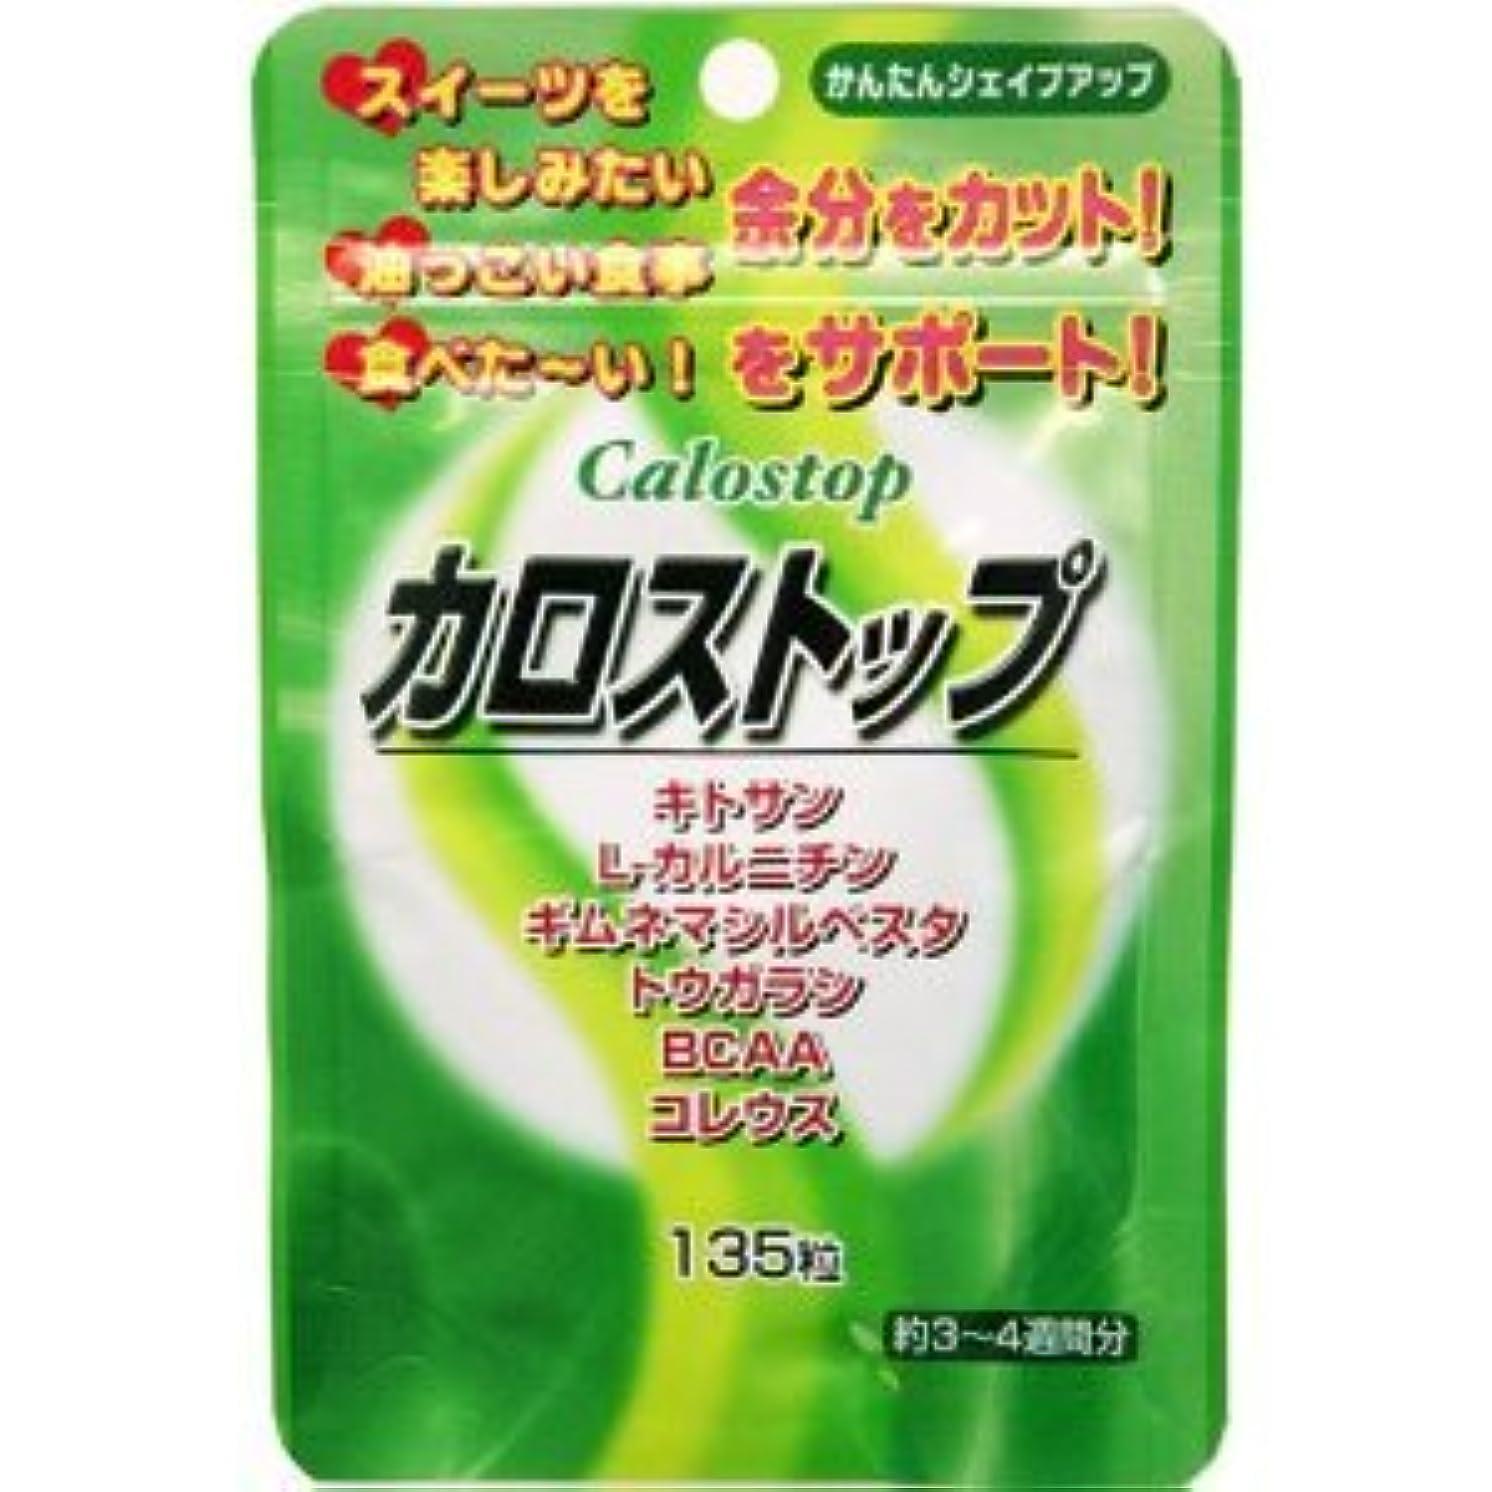 したい専らサージユウキ製薬(株) カロストップ6個セット